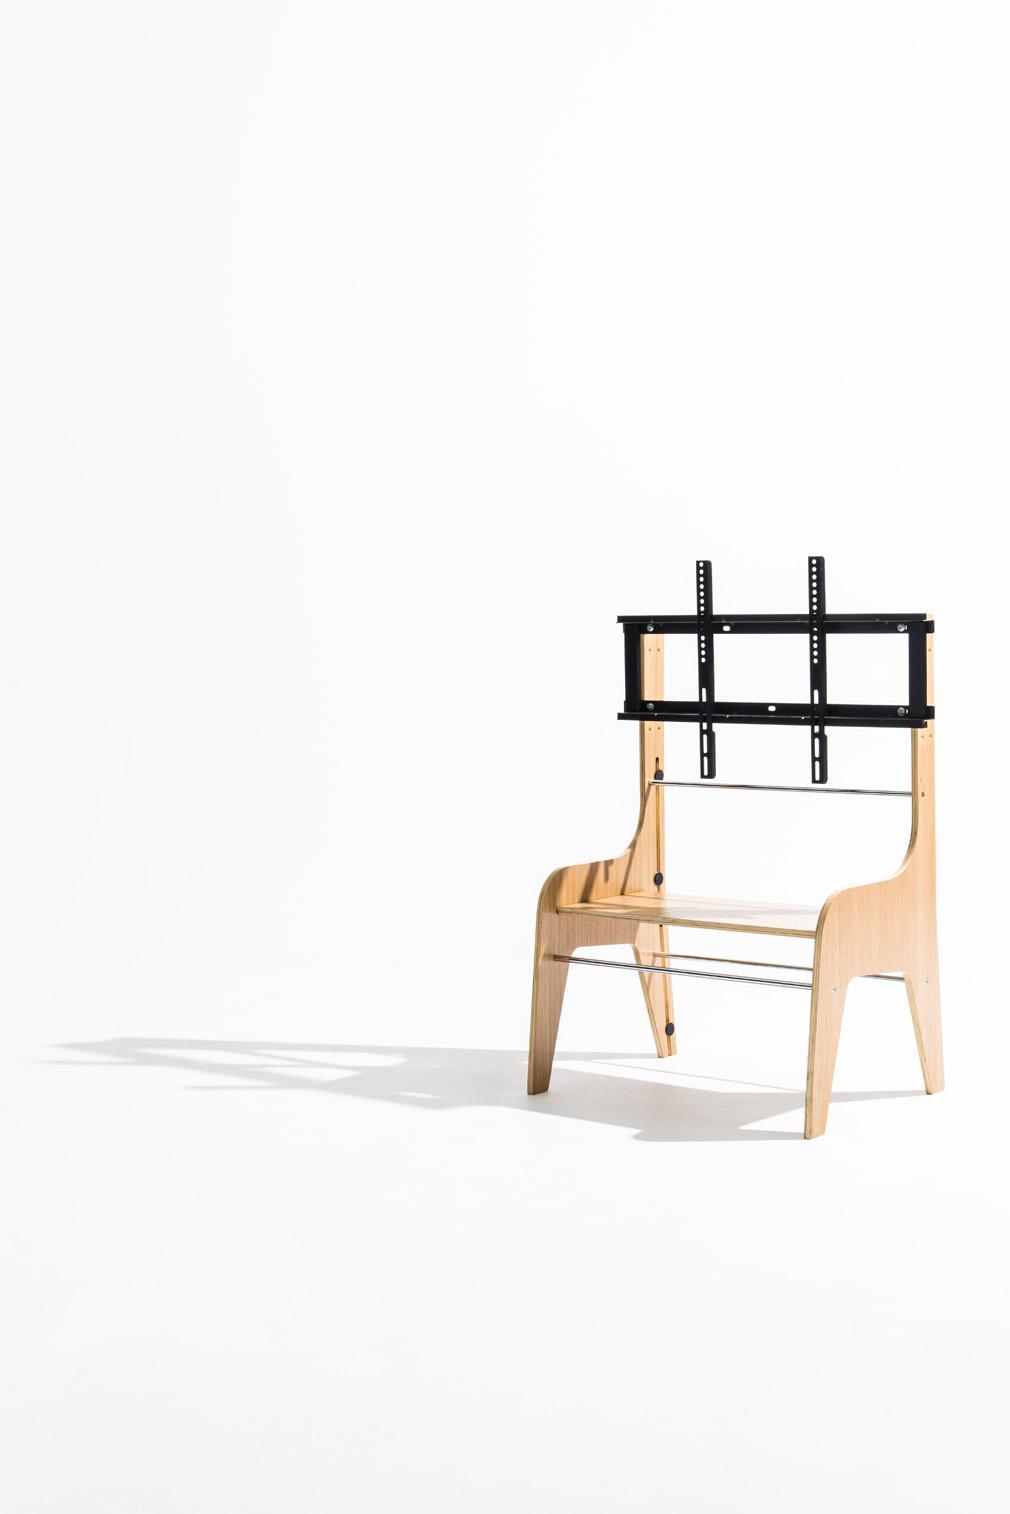 wood-TV-stand-FSW-zeitgeist-midcentury-modern-design-naked